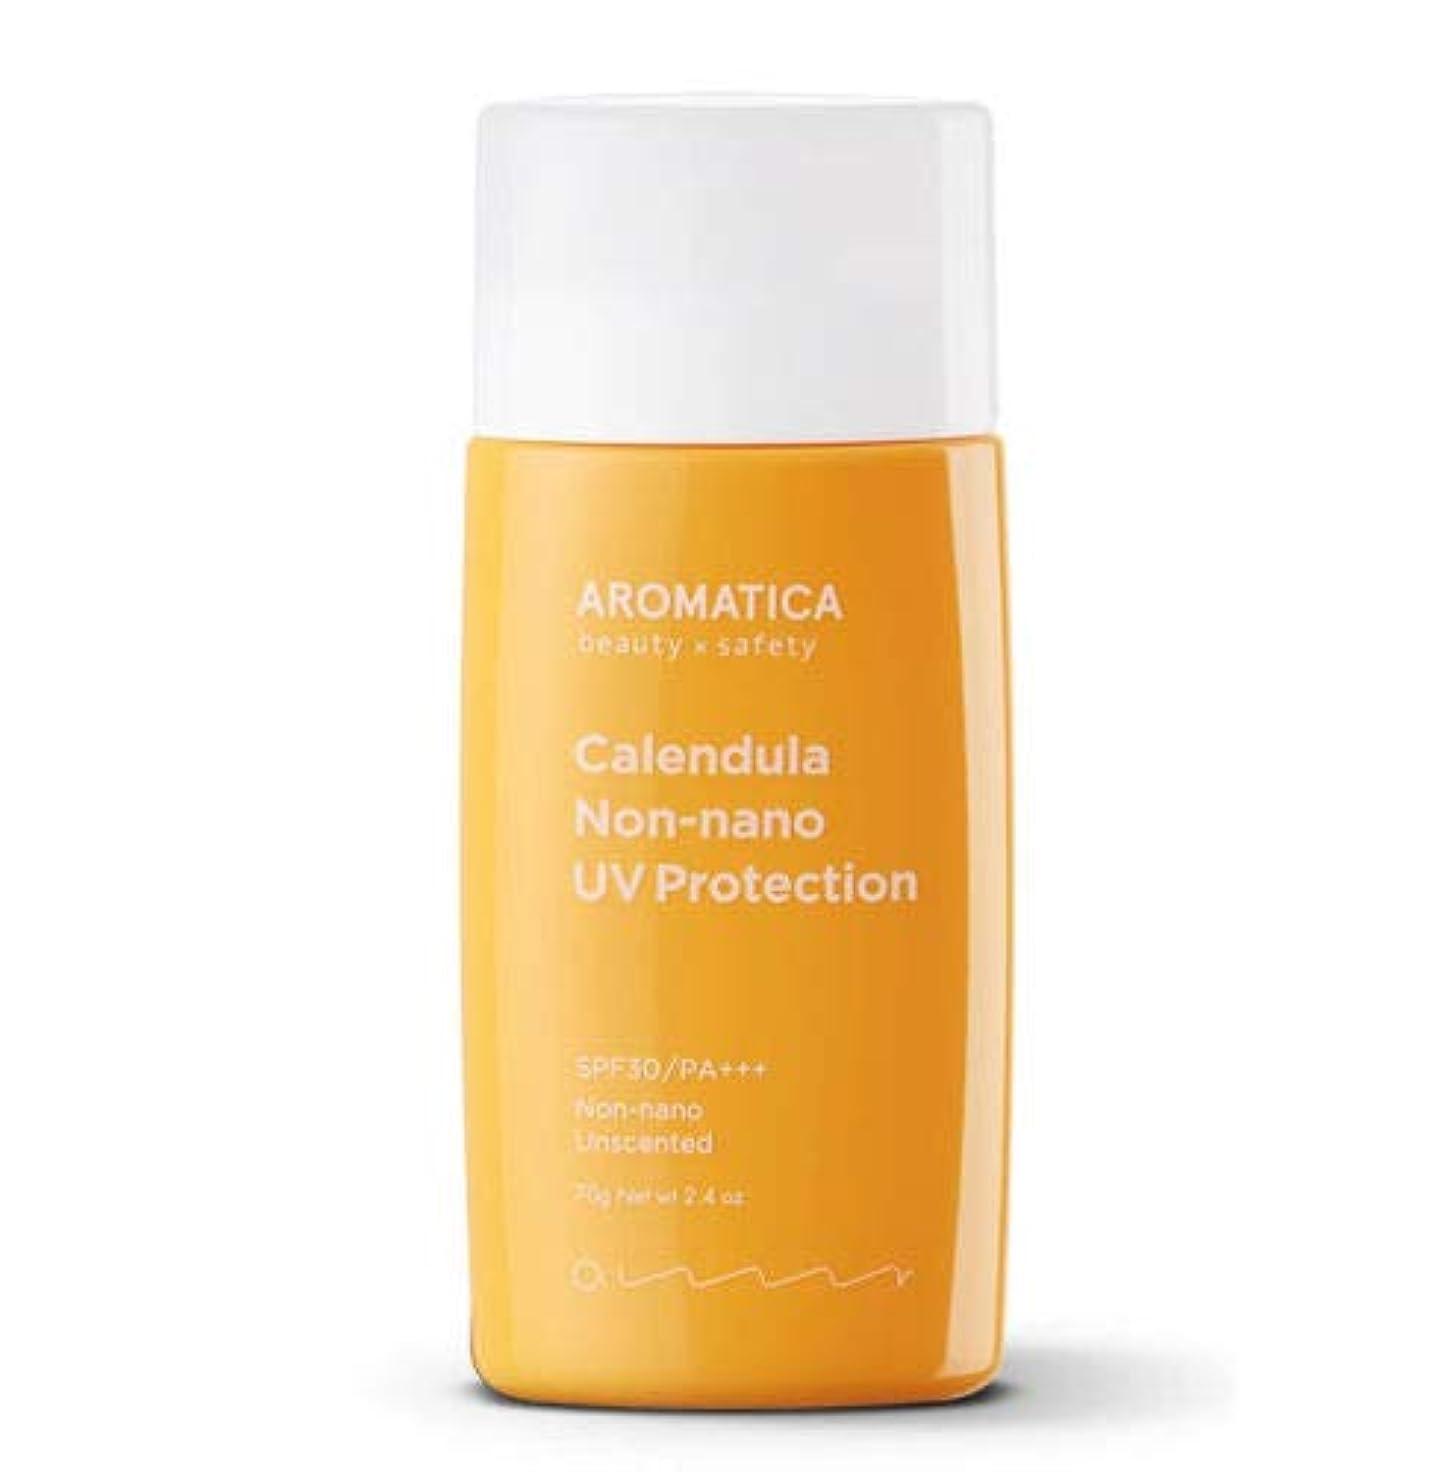 髄打倒力AROMATICA アロマティカ Calendula NON-NANO UV Protection Unscented サンクリーム 70g SPF30/PA+++ 米国 日焼け止め